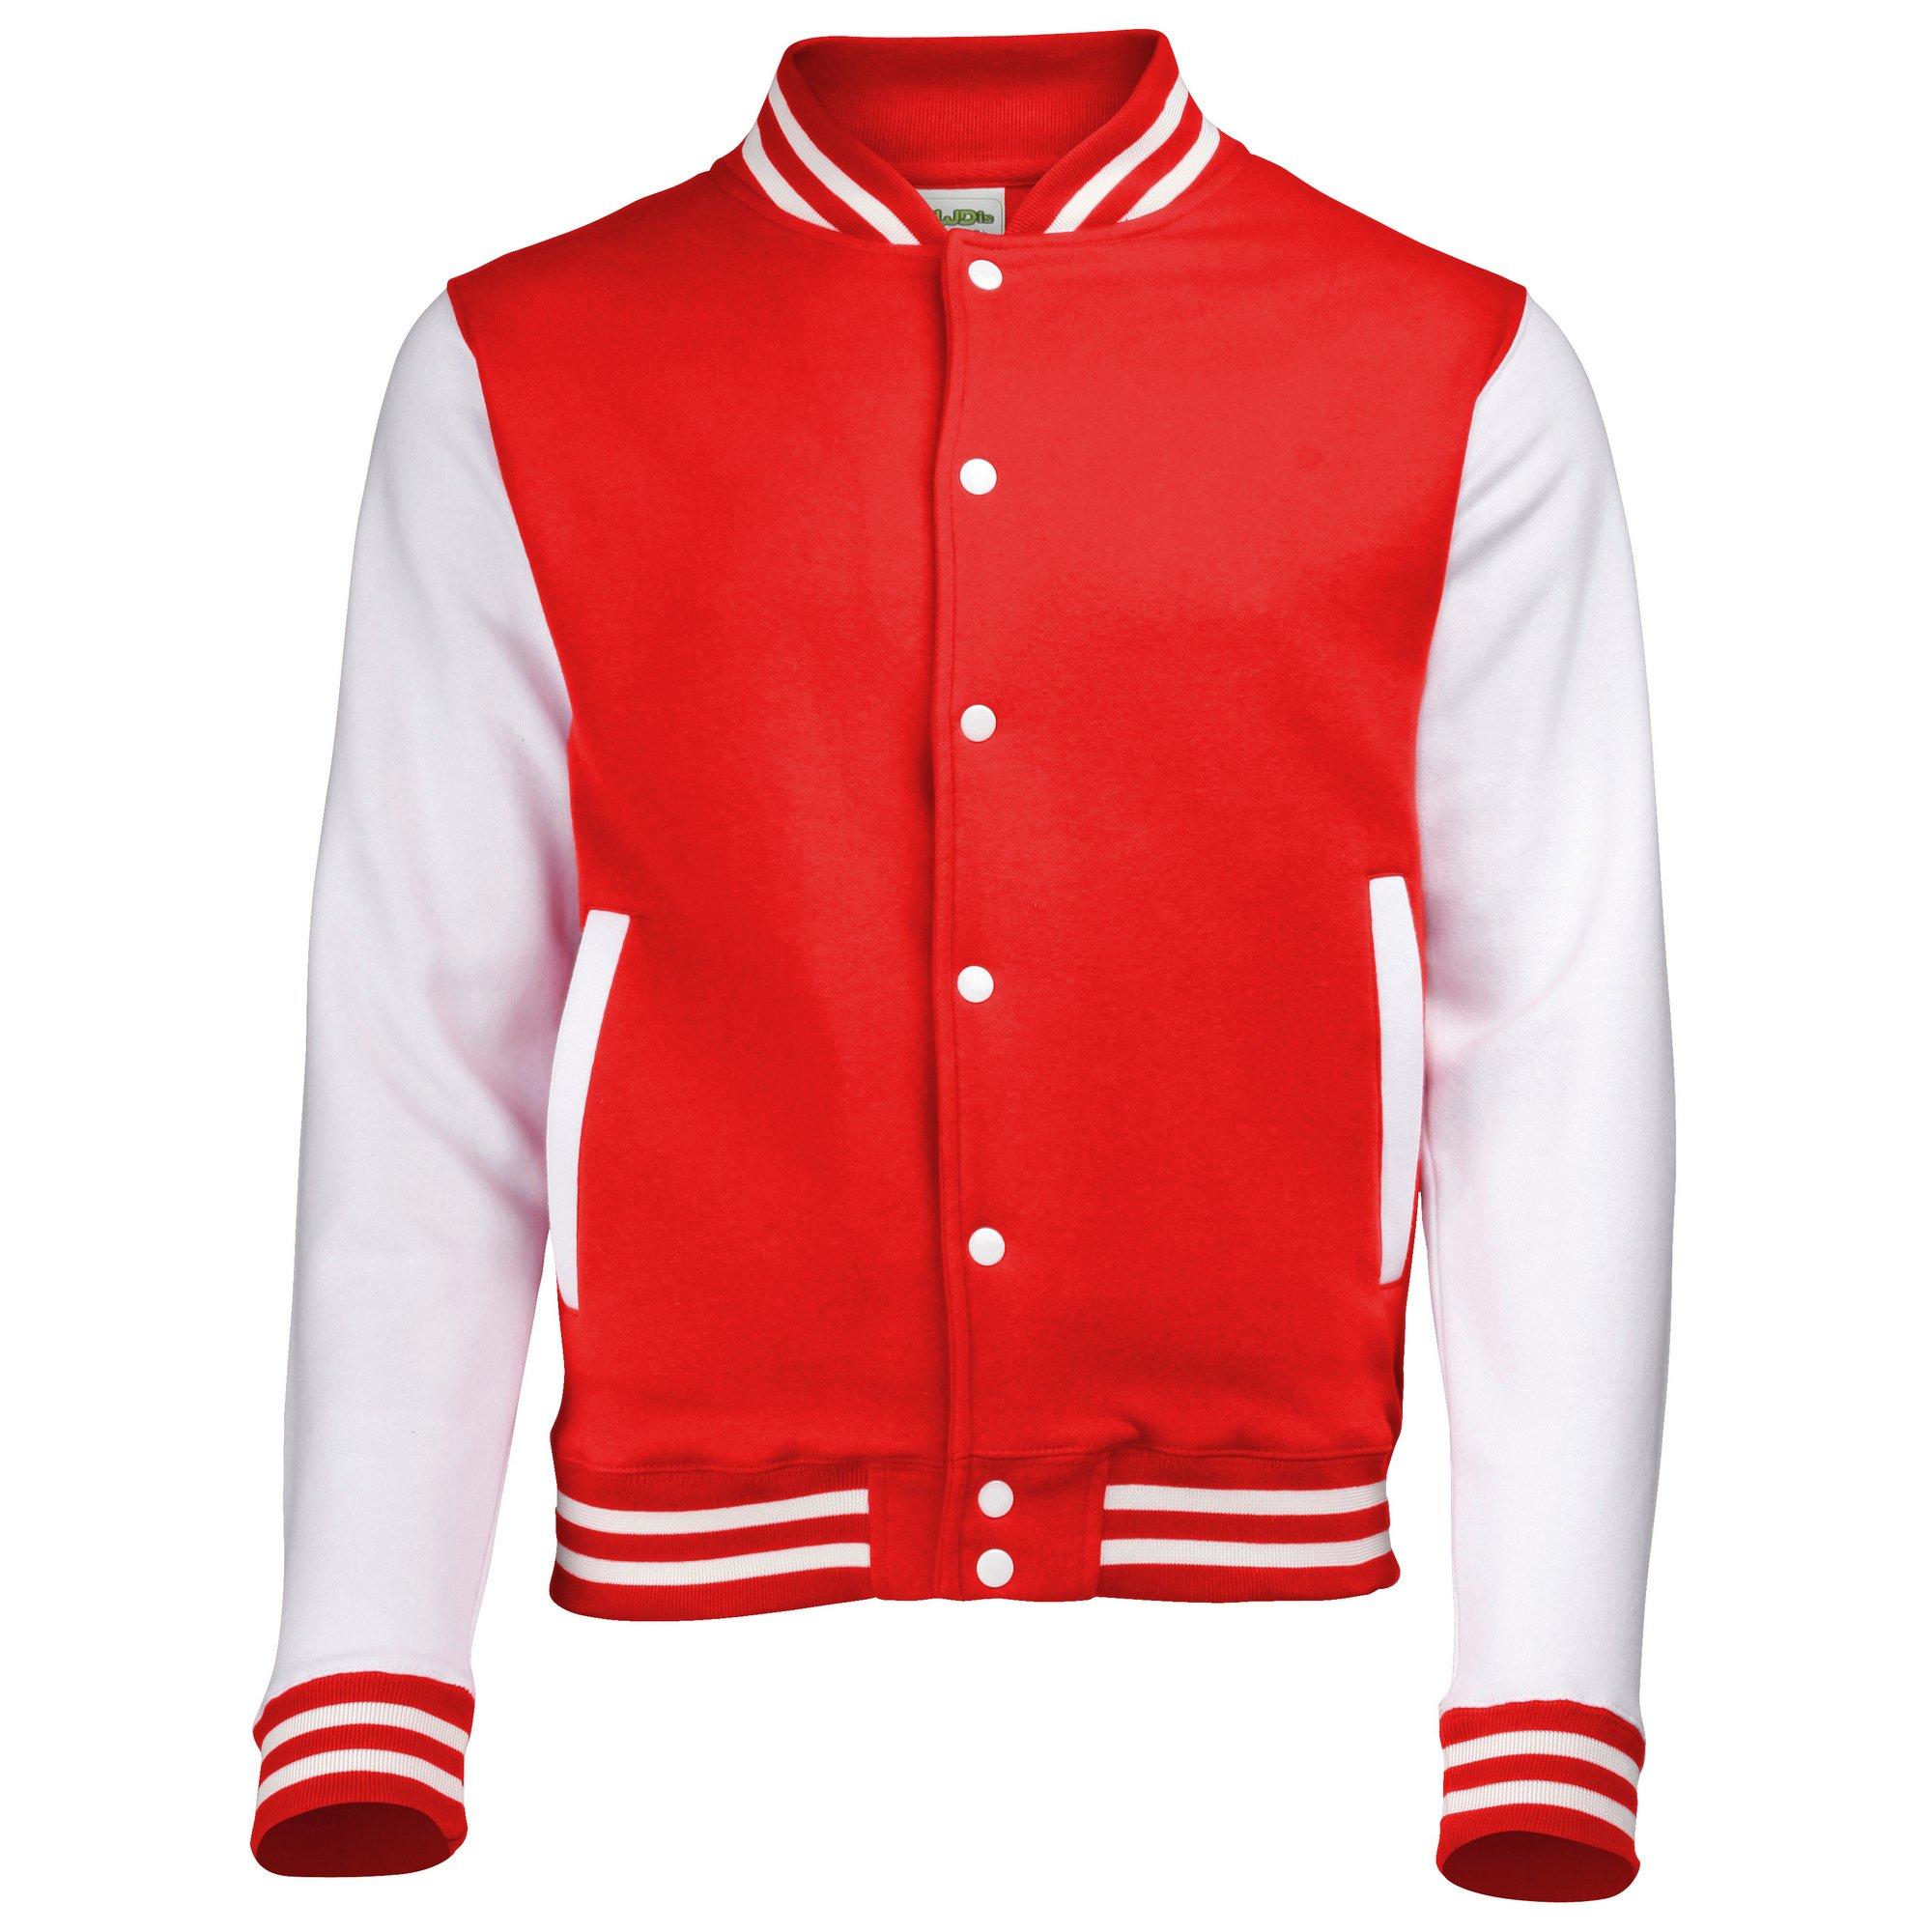 Awdis Unisex Varsity Jacket (M) (Fire Red/White) by Awdis